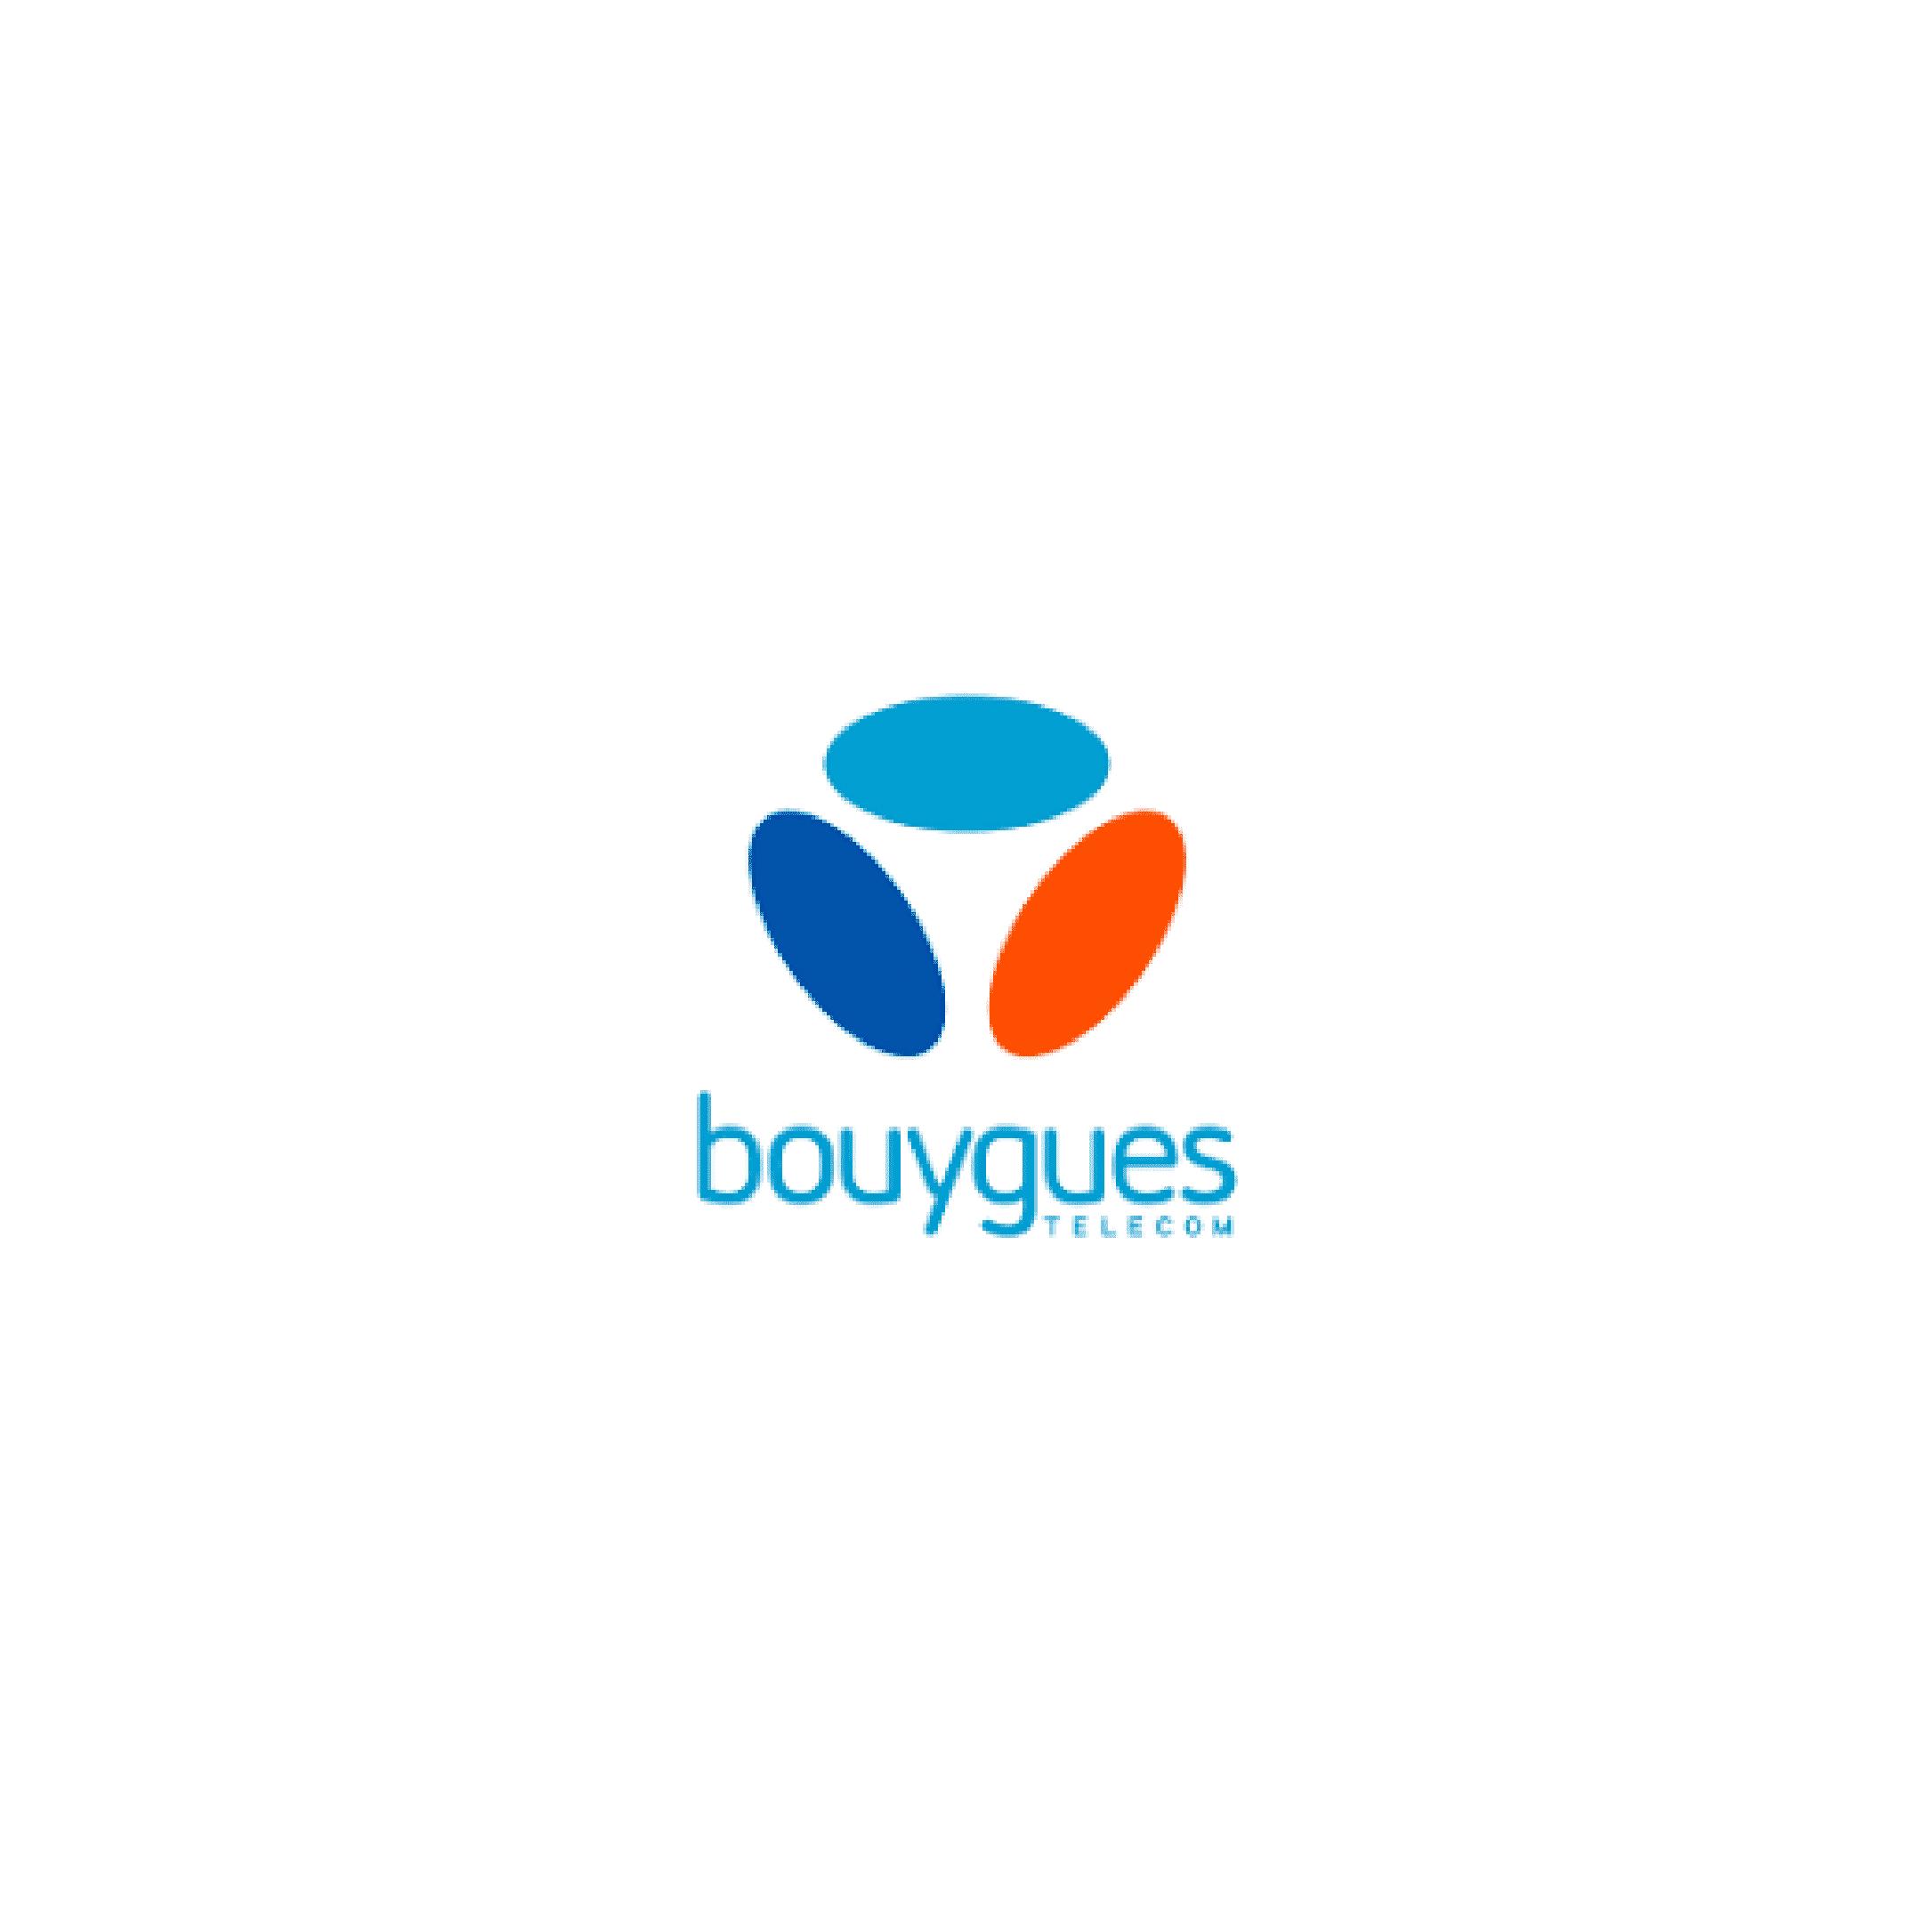 DialOnce-Telecom-logo-Bouygues-Telecom